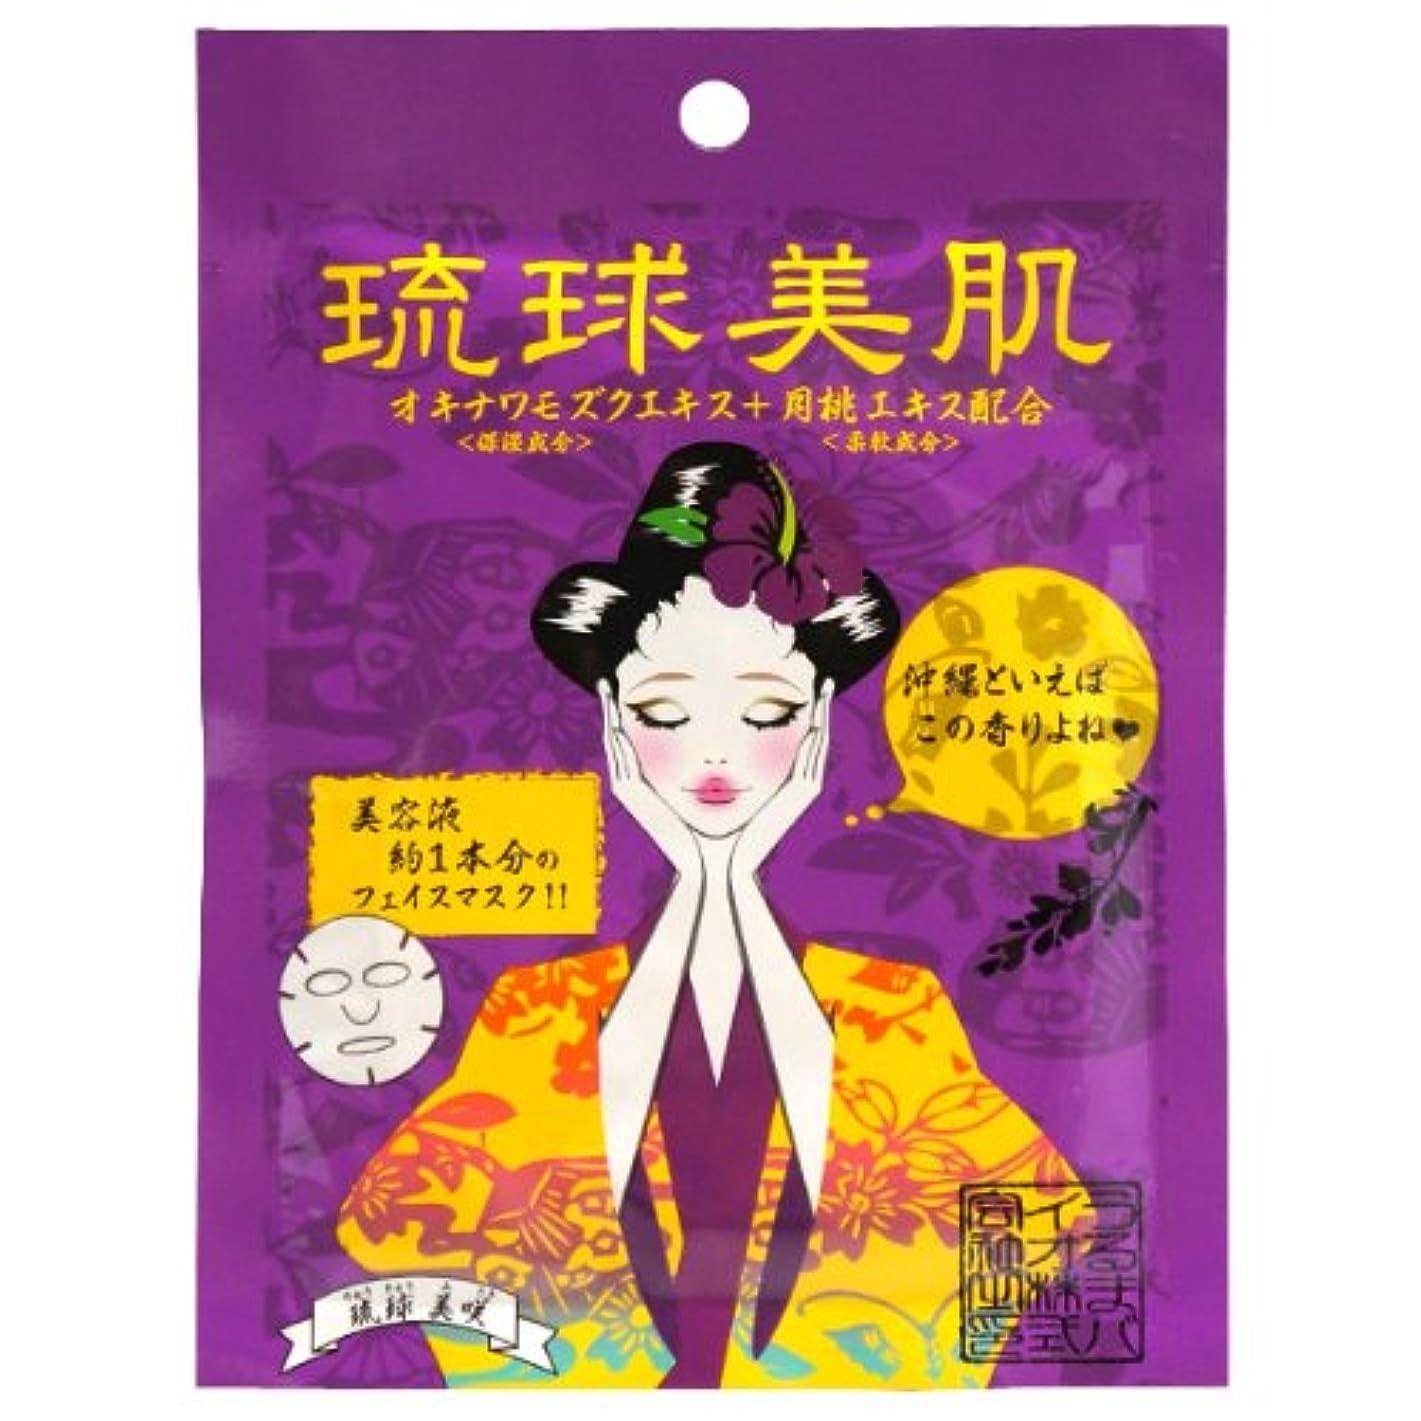 注釈借りている絡み合い琉球美肌 月桃の香り